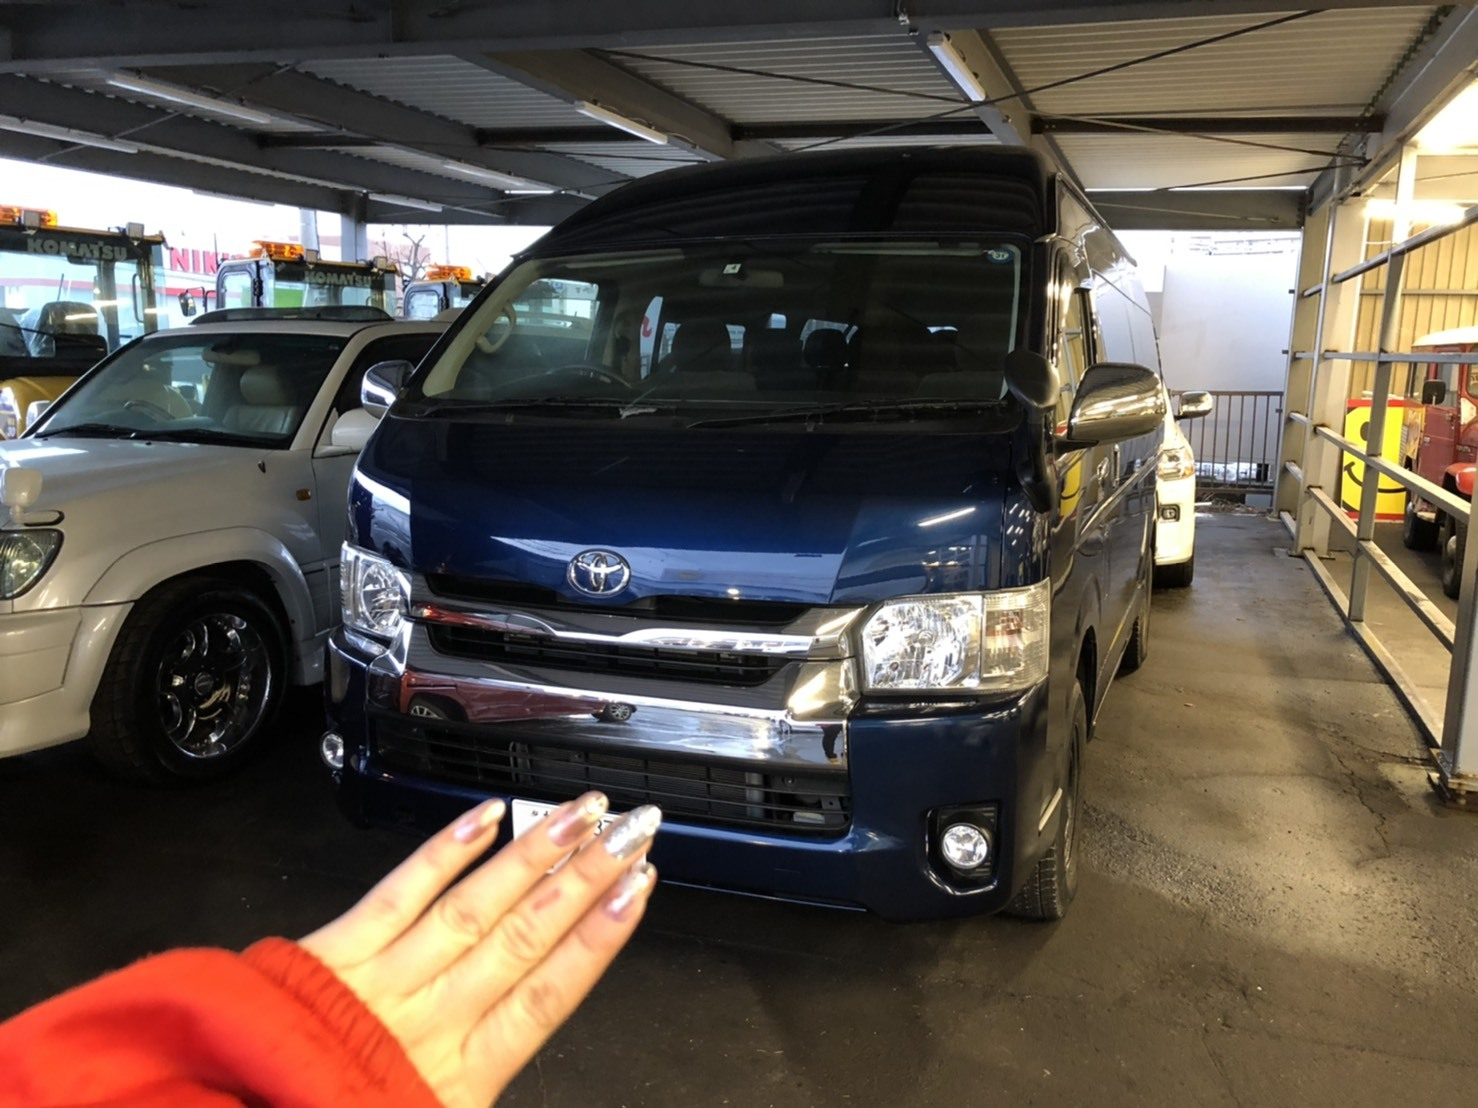 12月17日(火)本店ブログ♪ ハイエースバン 5ドアバン3.0DT スーパーGLロング 4WD_b0127002_17540657.jpg